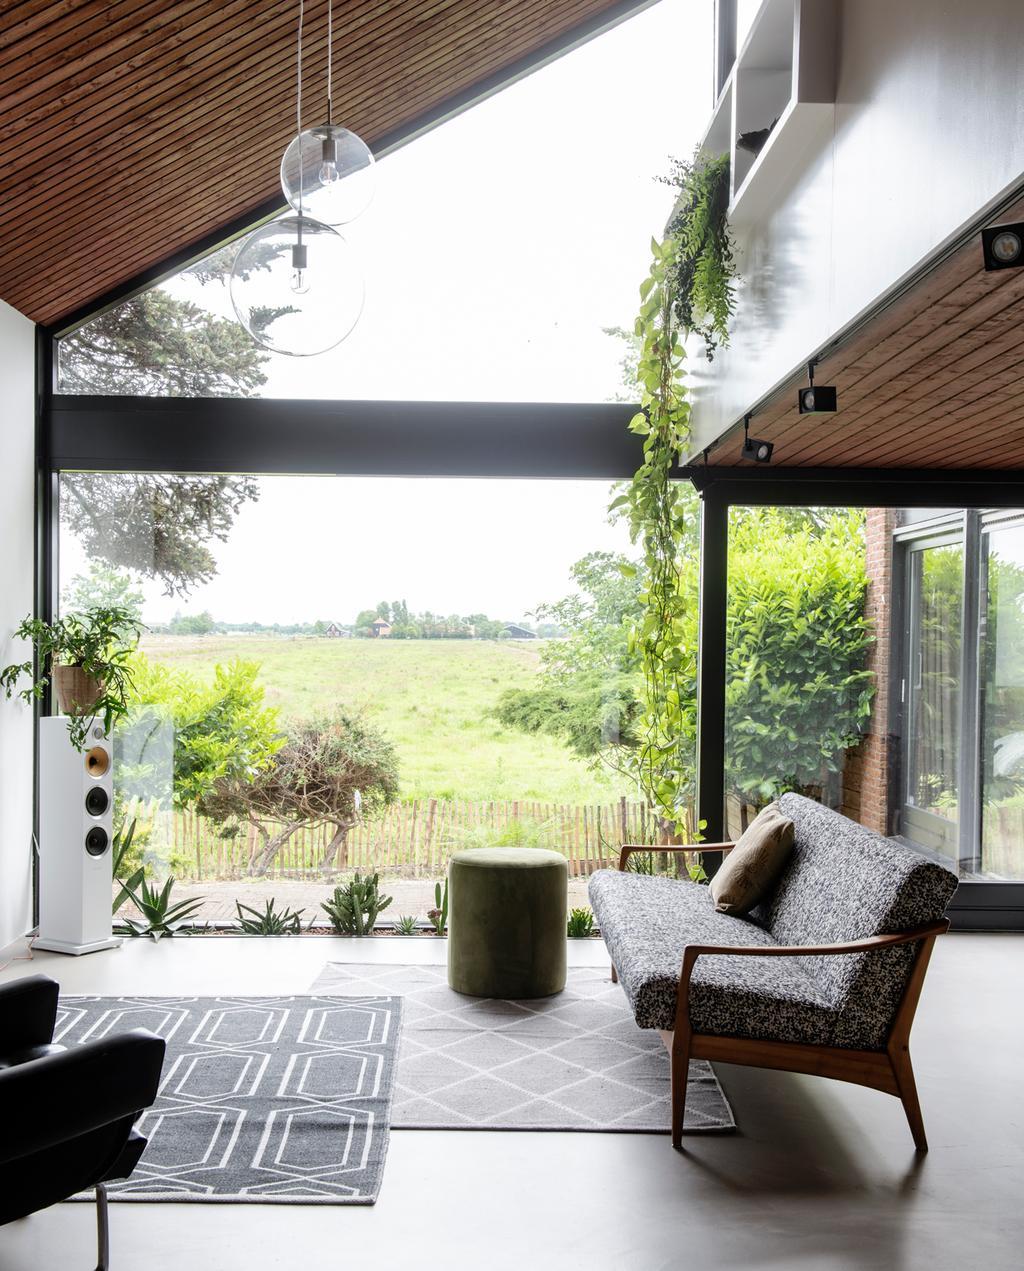 vtwonen 1-2020 | Binnenkijken in een bungalow in Broek in Waterland woonakmer